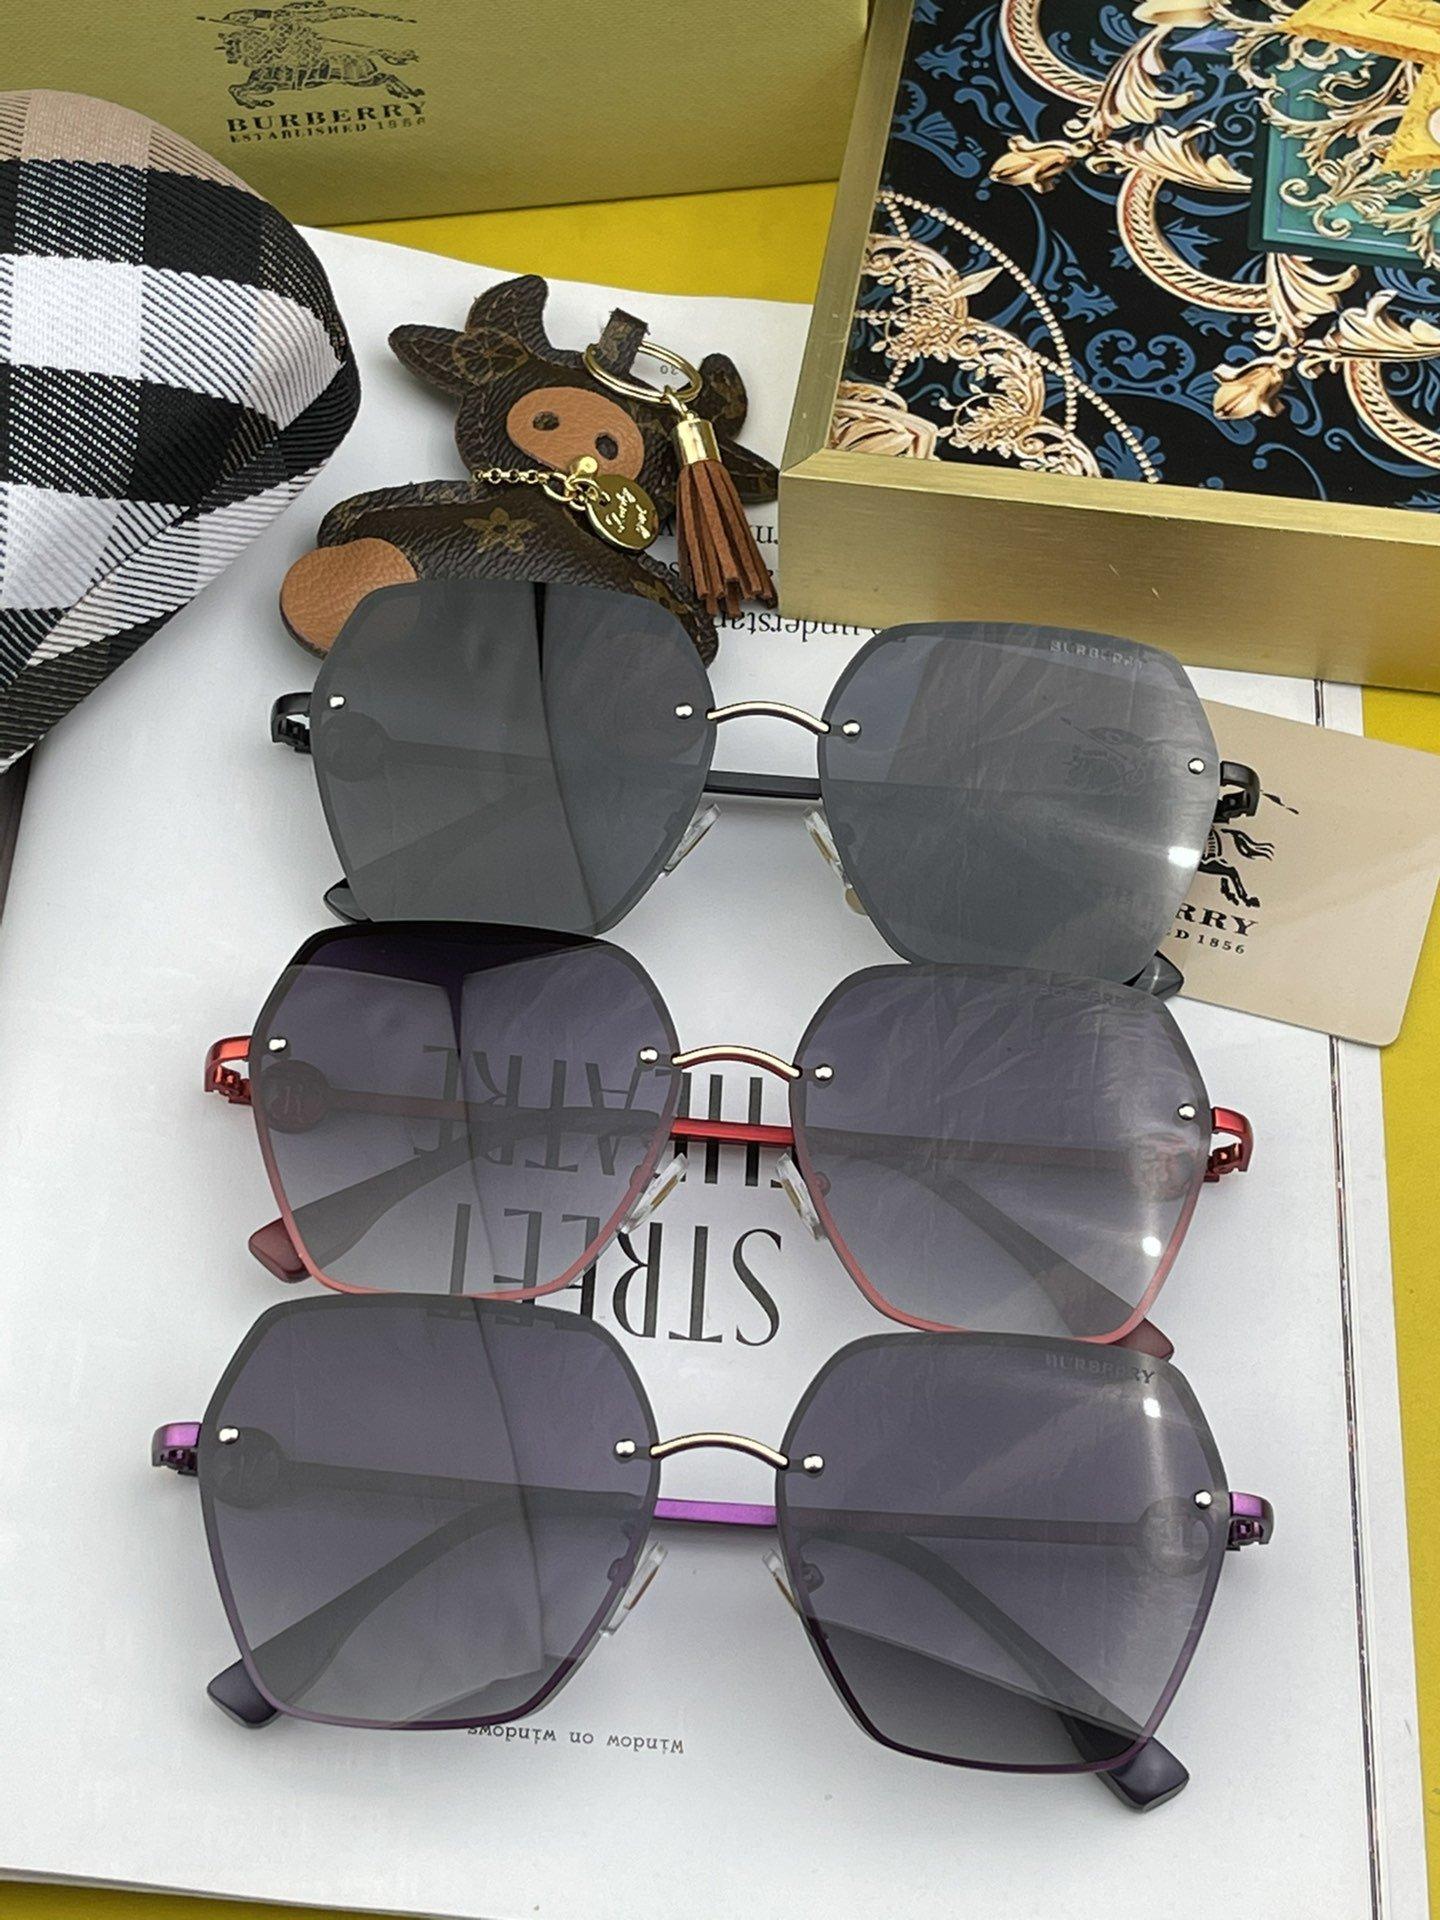 偏光系列太阳镜原版出货巴宝莉网红超爆